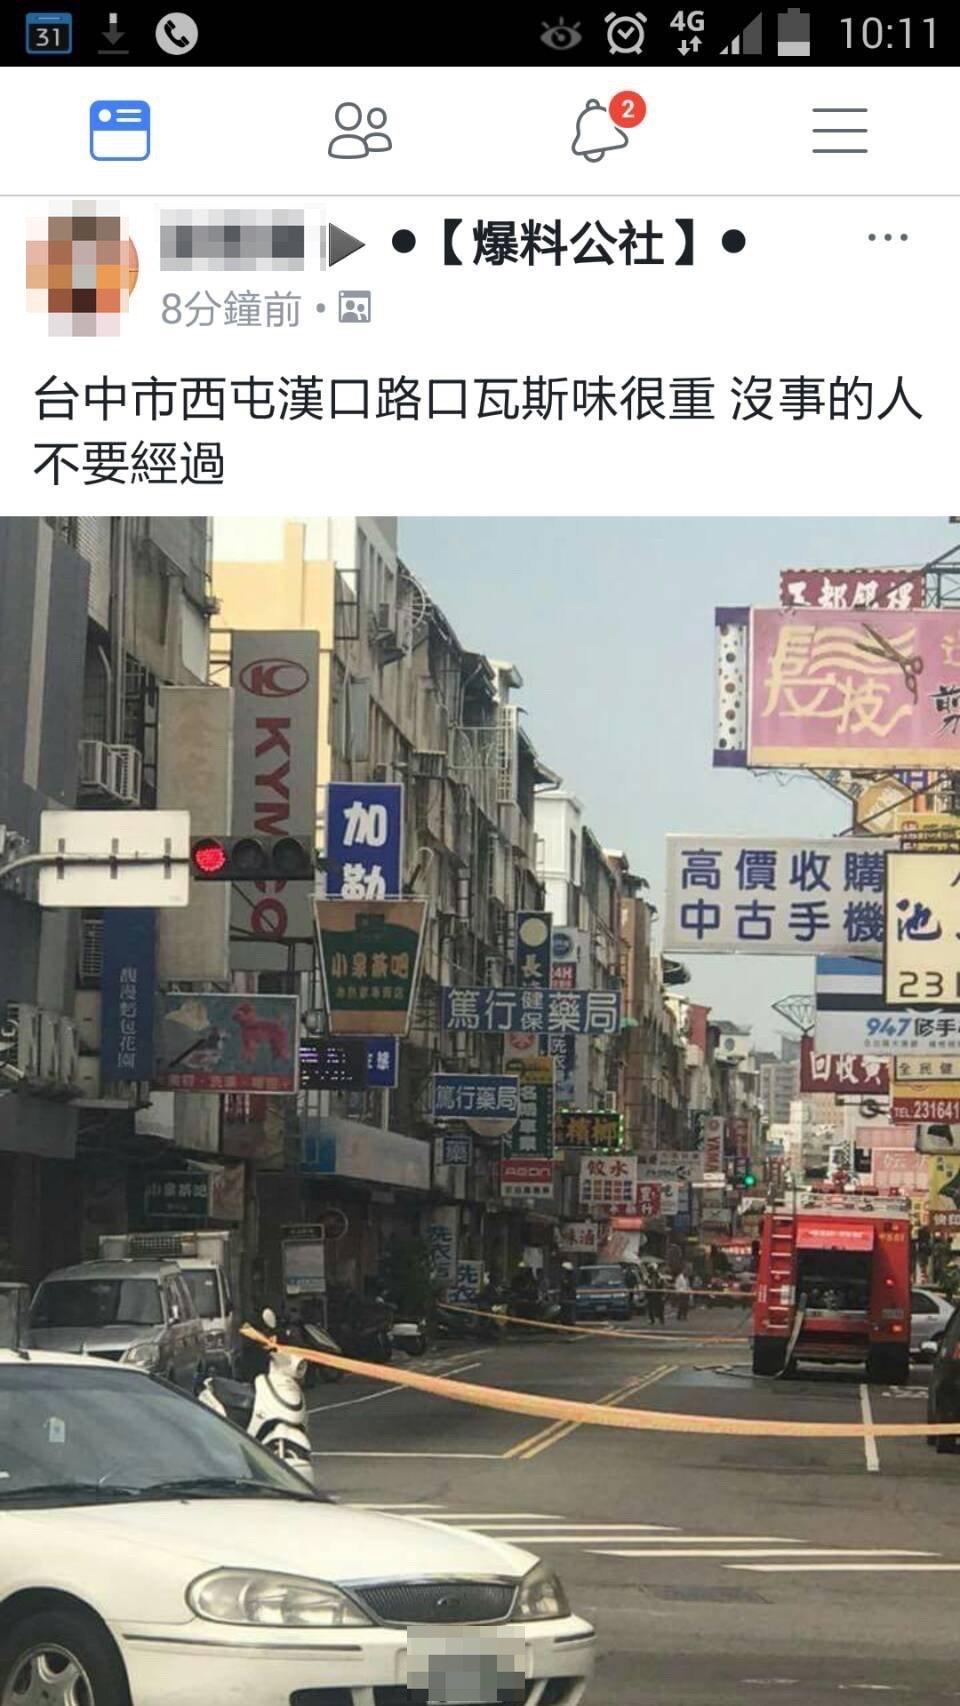 台中市西屯區今早傳出瓦斯外洩意外,疑似住戶施工不慎釀禍。圖/摘自臉書